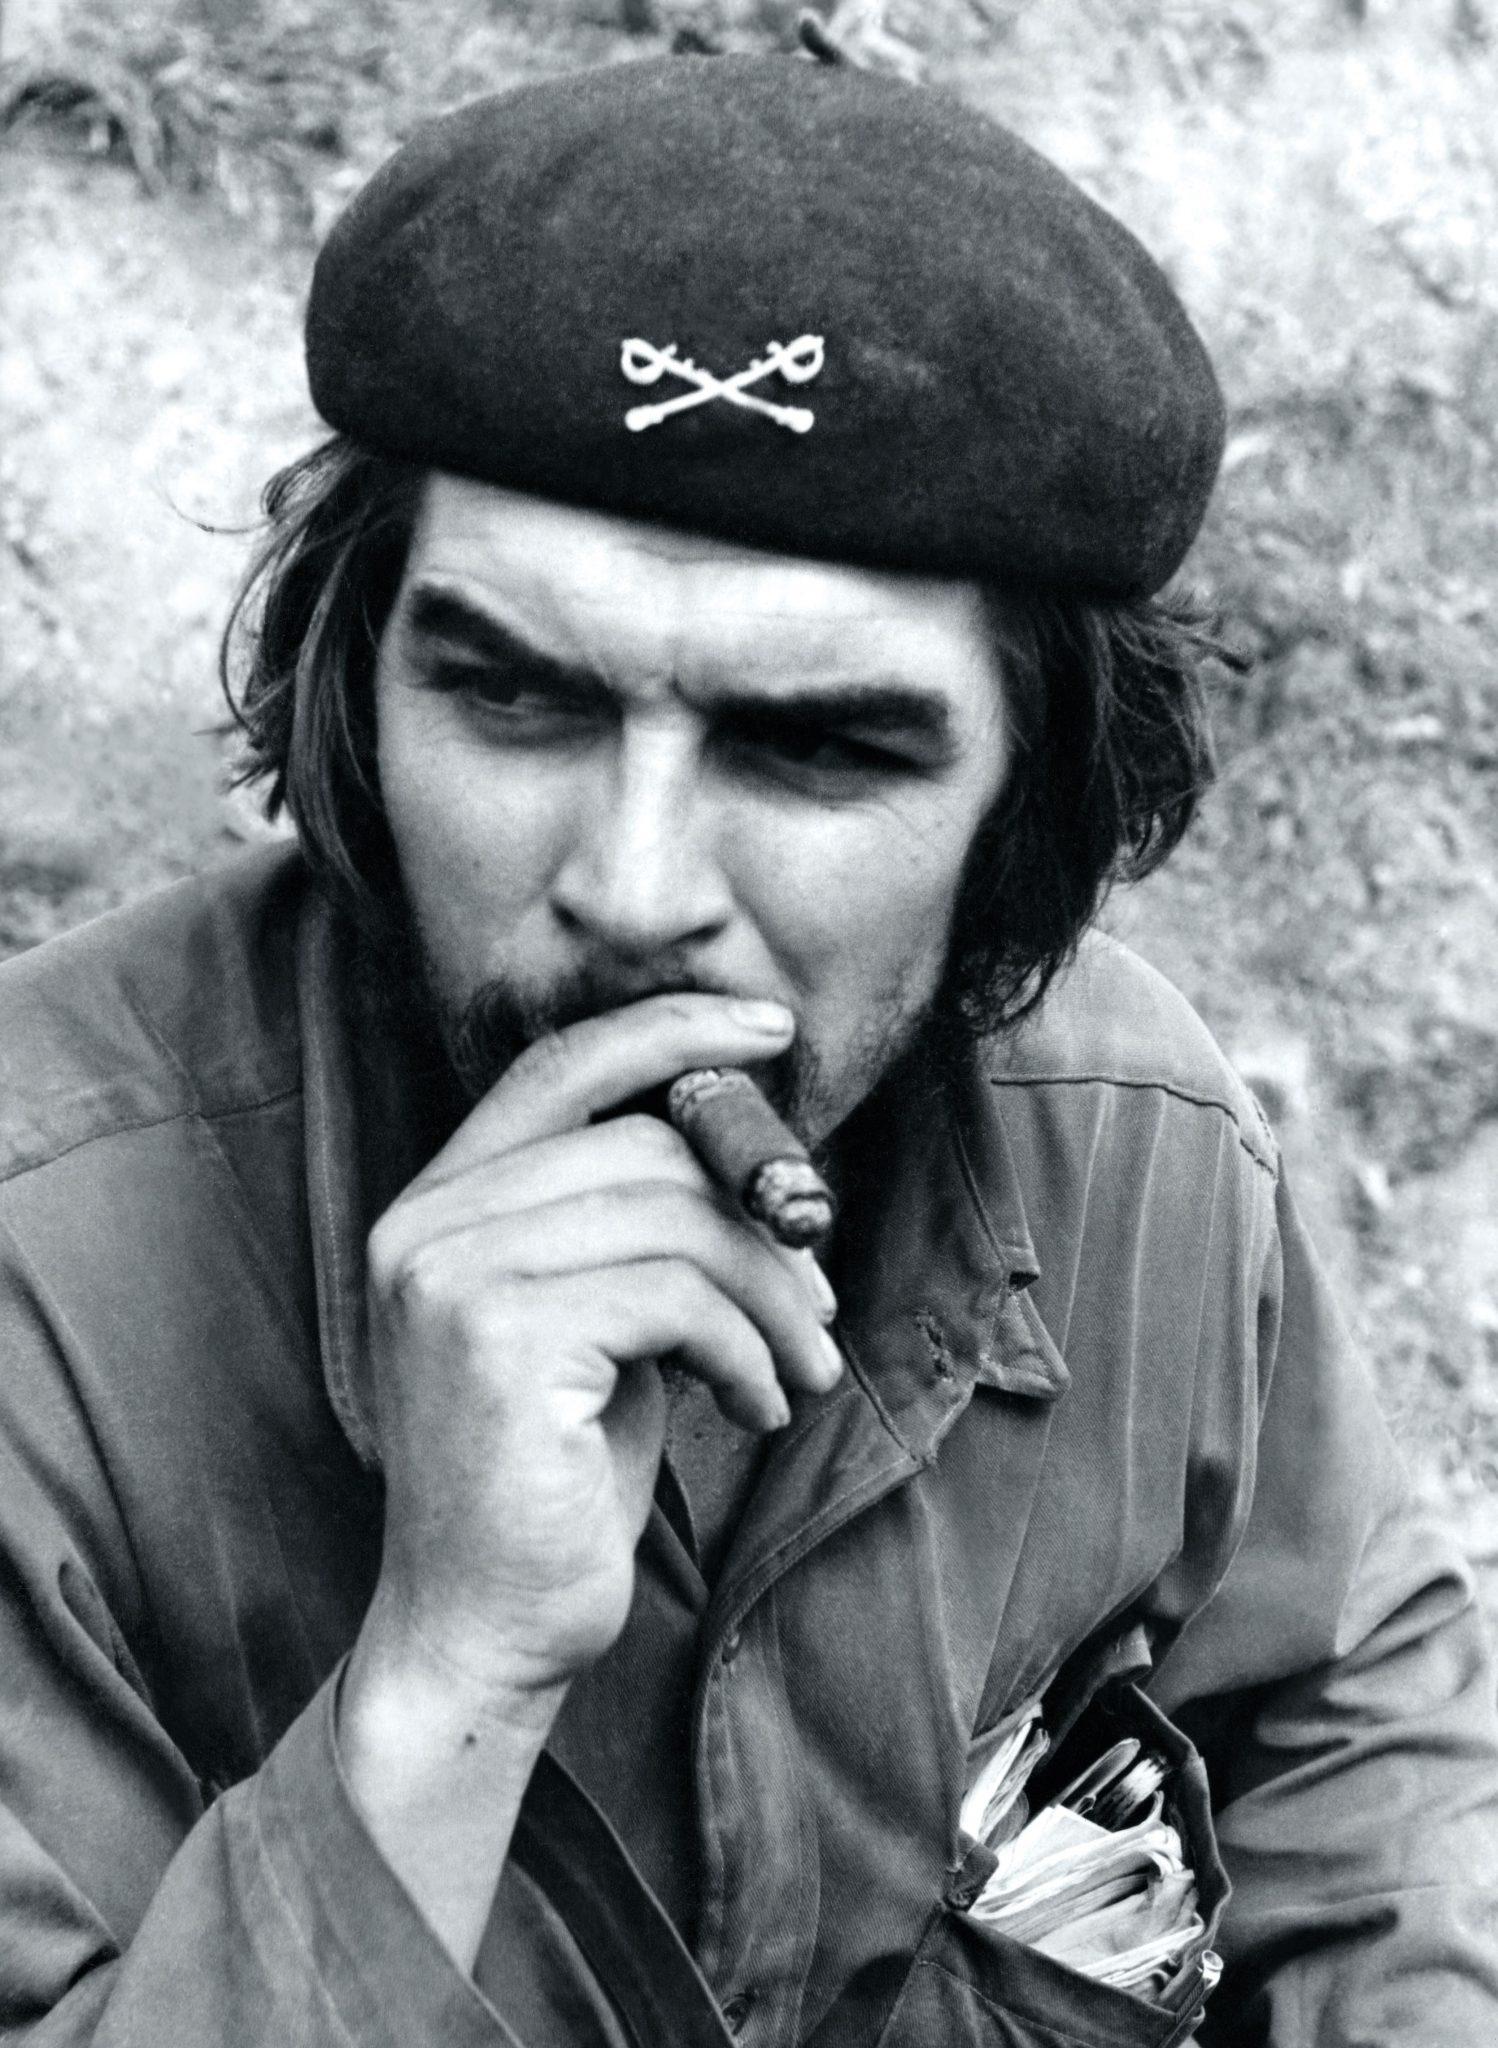 Che Guevara Tu Y Todos © Centro de Estudios Che Guevara